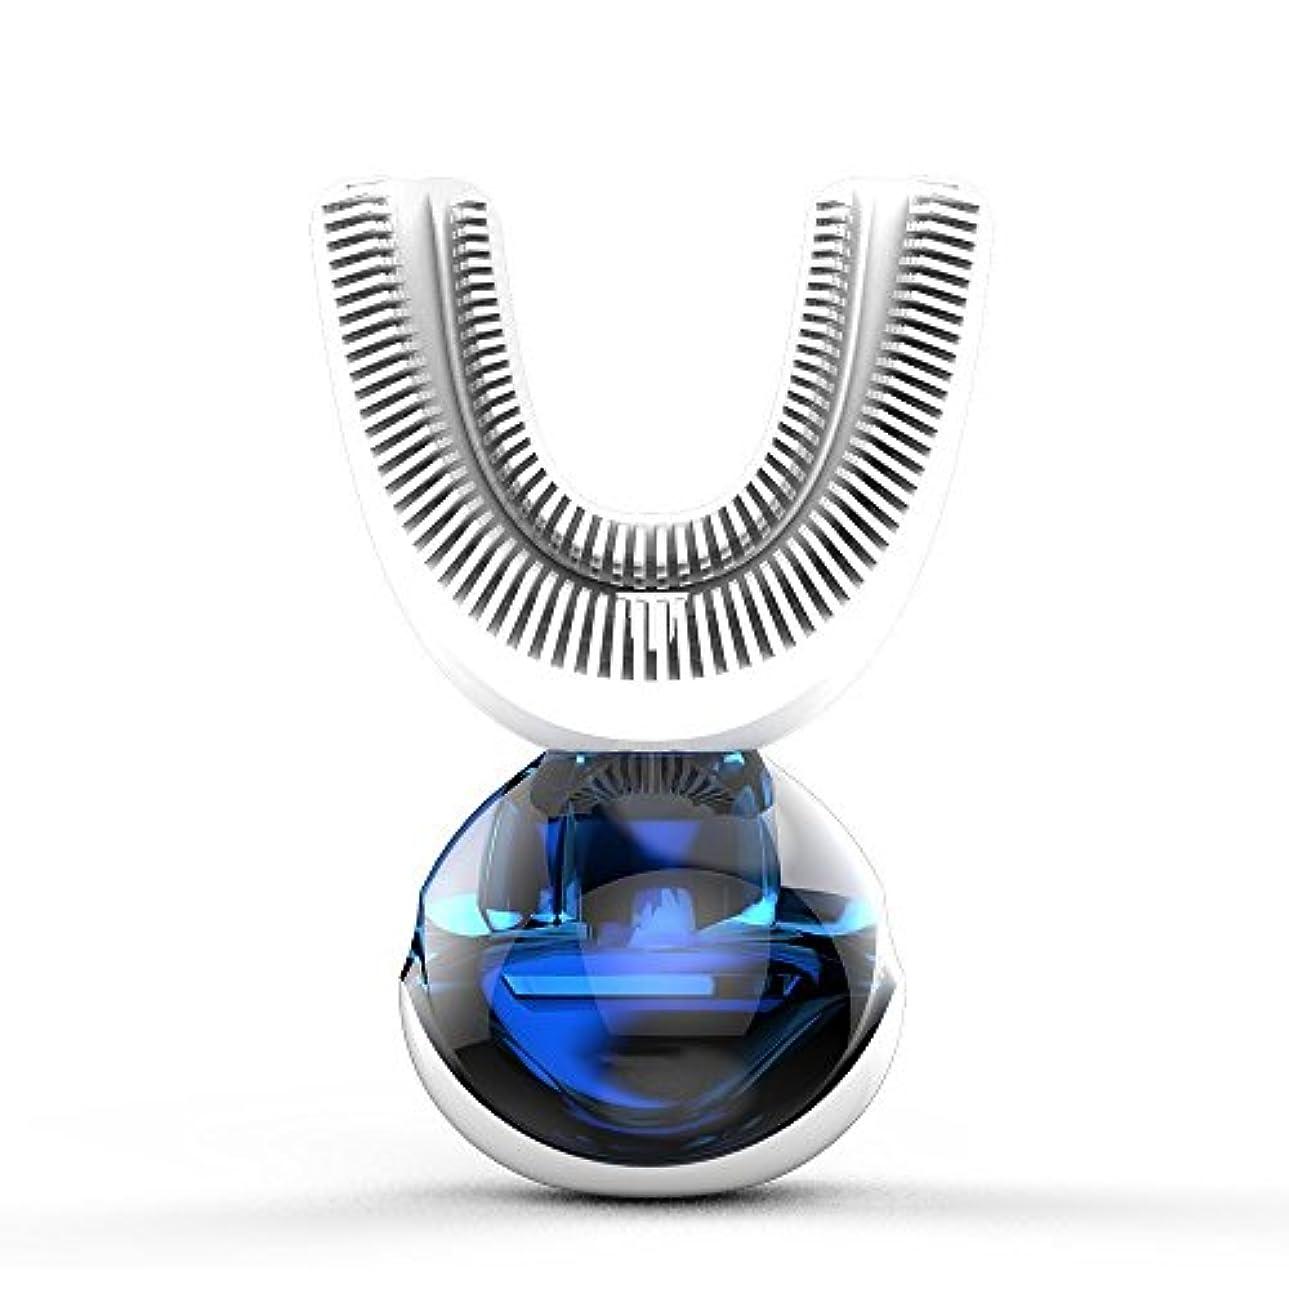 彼ら宮殿散文フルオートマチック可変周波数電動歯ブラシ、自動360度U字型電動歯ブラシ、ワイヤレス充電IPX7防水自動歯ブラシ(大人用)